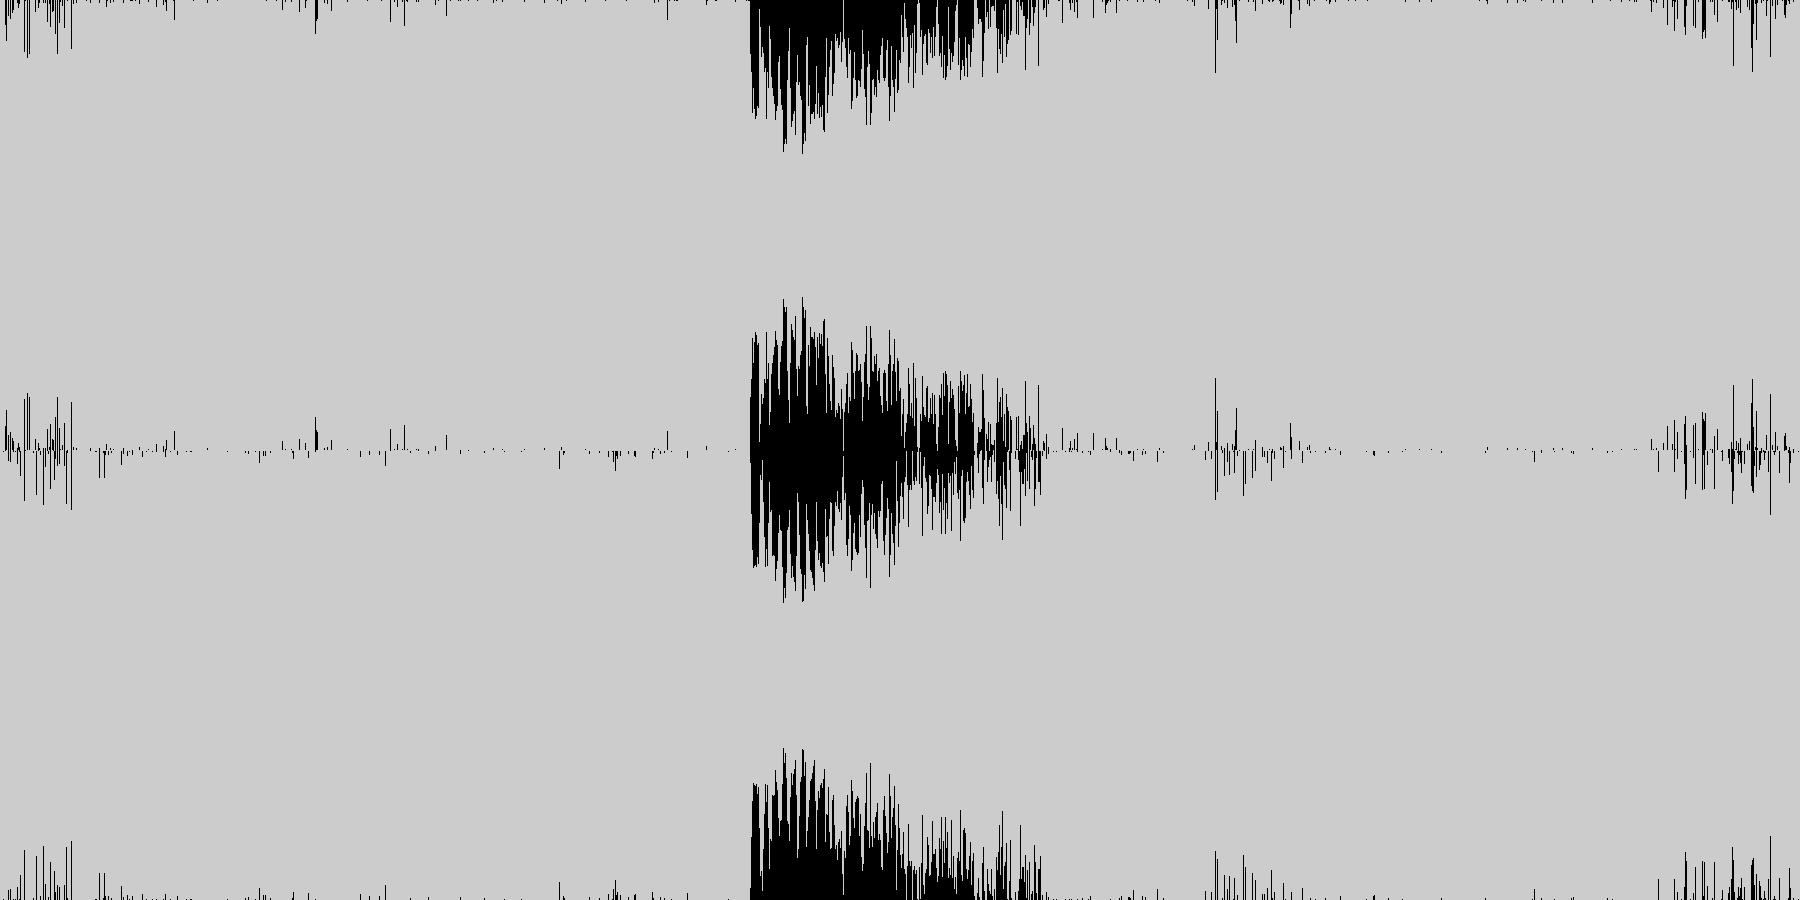 健やかでパーカッシヴなテクノ■ループ版の未再生の波形